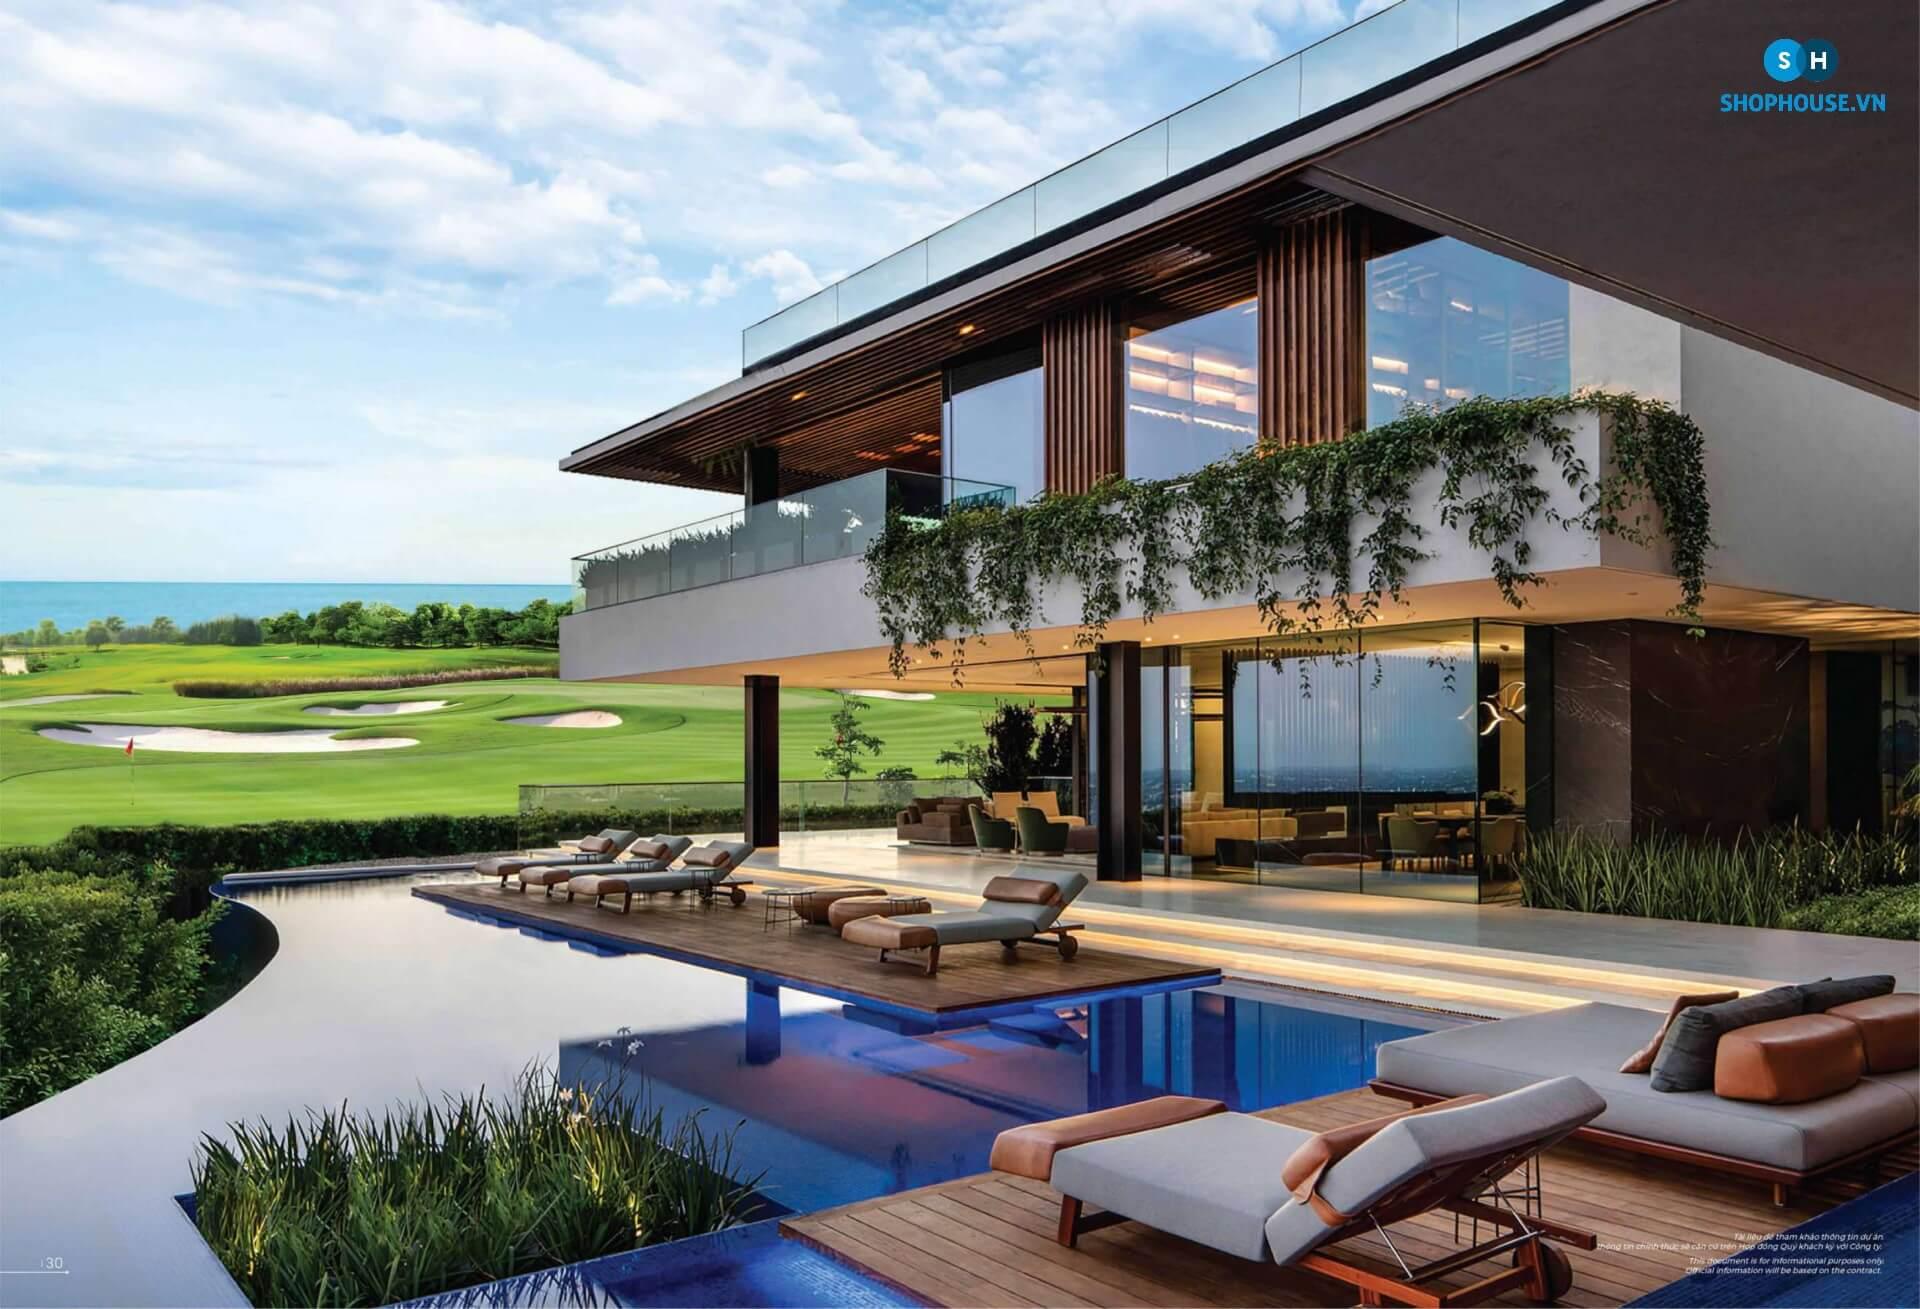 view-biet-thu-villas-golf-novaworld-phan-thiet-xanh-ngat-tam-nhin-trieu-do